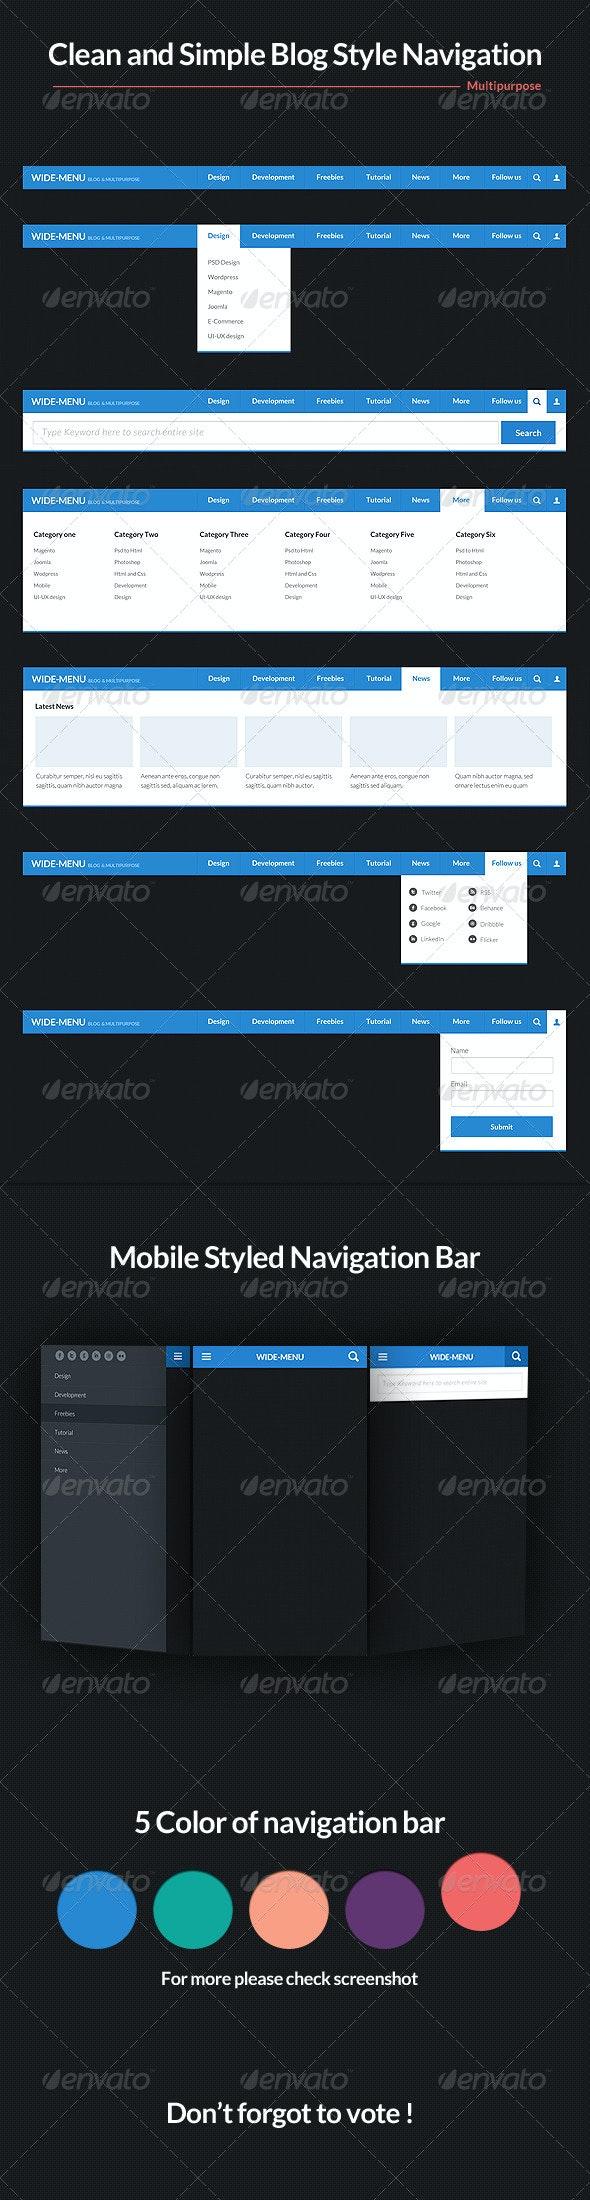 Wide Blog Style Navigation Bar Psd - Navigation Bars Web Elements